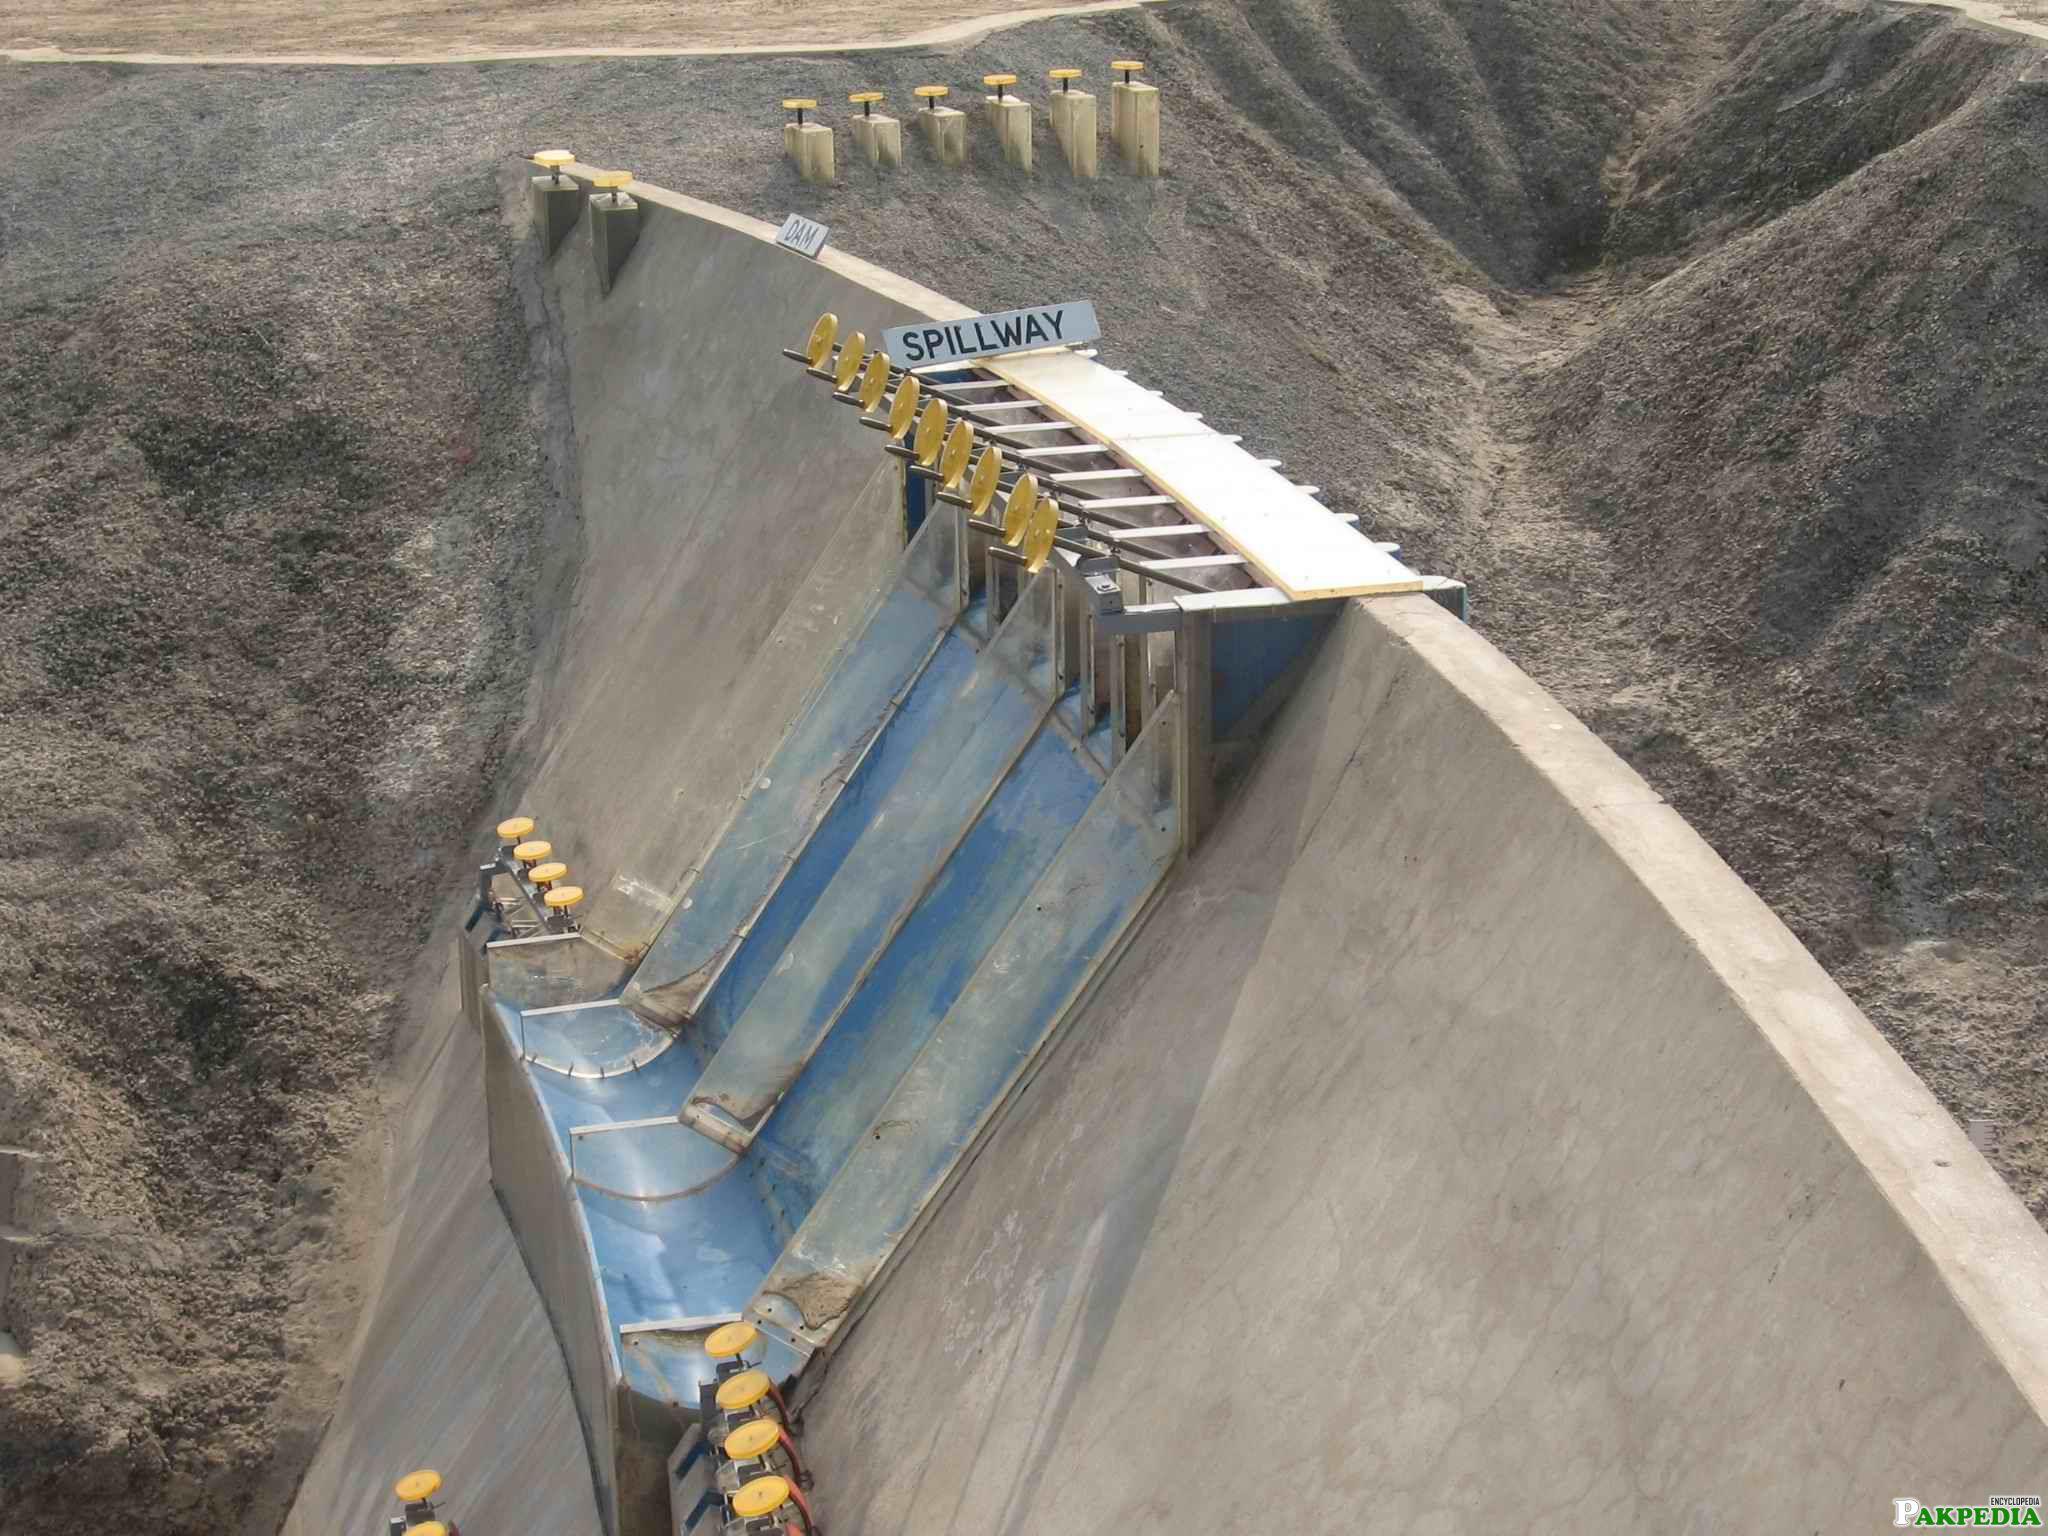 Diamer-Bhasha Dam over view